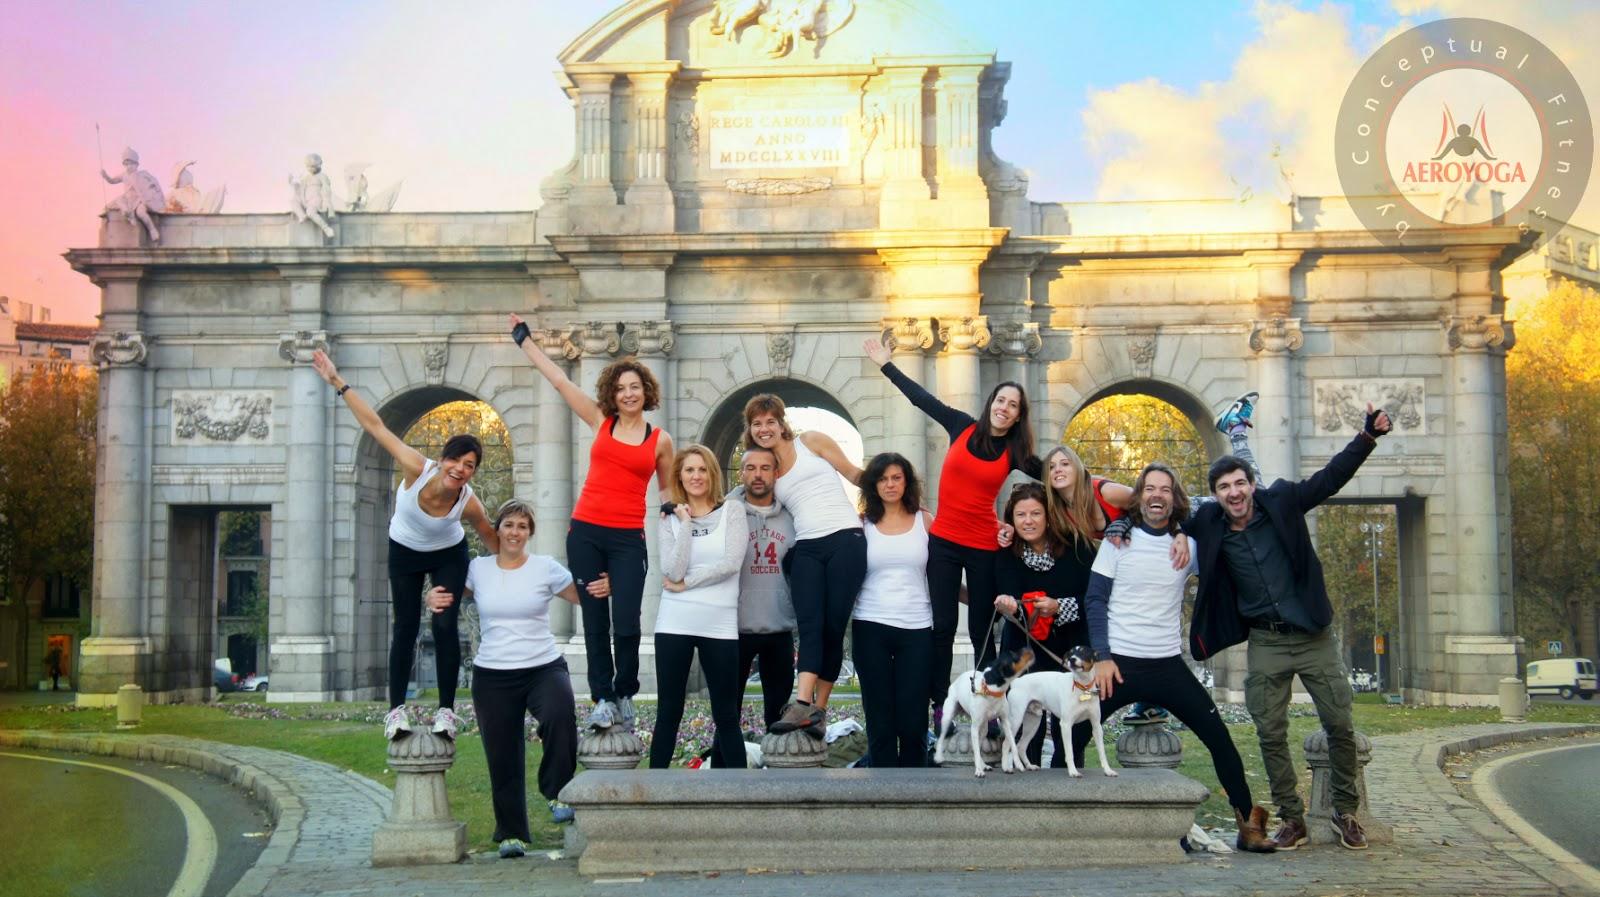 Bienvenidos a todos los futuros profesores de Yoga Aéreo©, Pilates Aéreo© y Fitness Aéreo© AeroYoga® Institute Madrid Marzo 2014! los esperamos con los brazos abiertos!.   DEBIDO AL EXITO DE LA PROMOCION DE MARZO 2013 HEOS ABIERTO NUEBVO CURSO!  FECHAS MADRID  2-9 Marzo 2014 (COMPLETO!)  9-16 Marzo 2014 (Plazas limitadas!)  aeroyoga.es  www.aerialyoga.tv  www.aerialpilates.tv (english)  www.yogaaerien.com  www.pilatesaerien.com (français)  MAIL: aeroyoga@aeroyoga.info